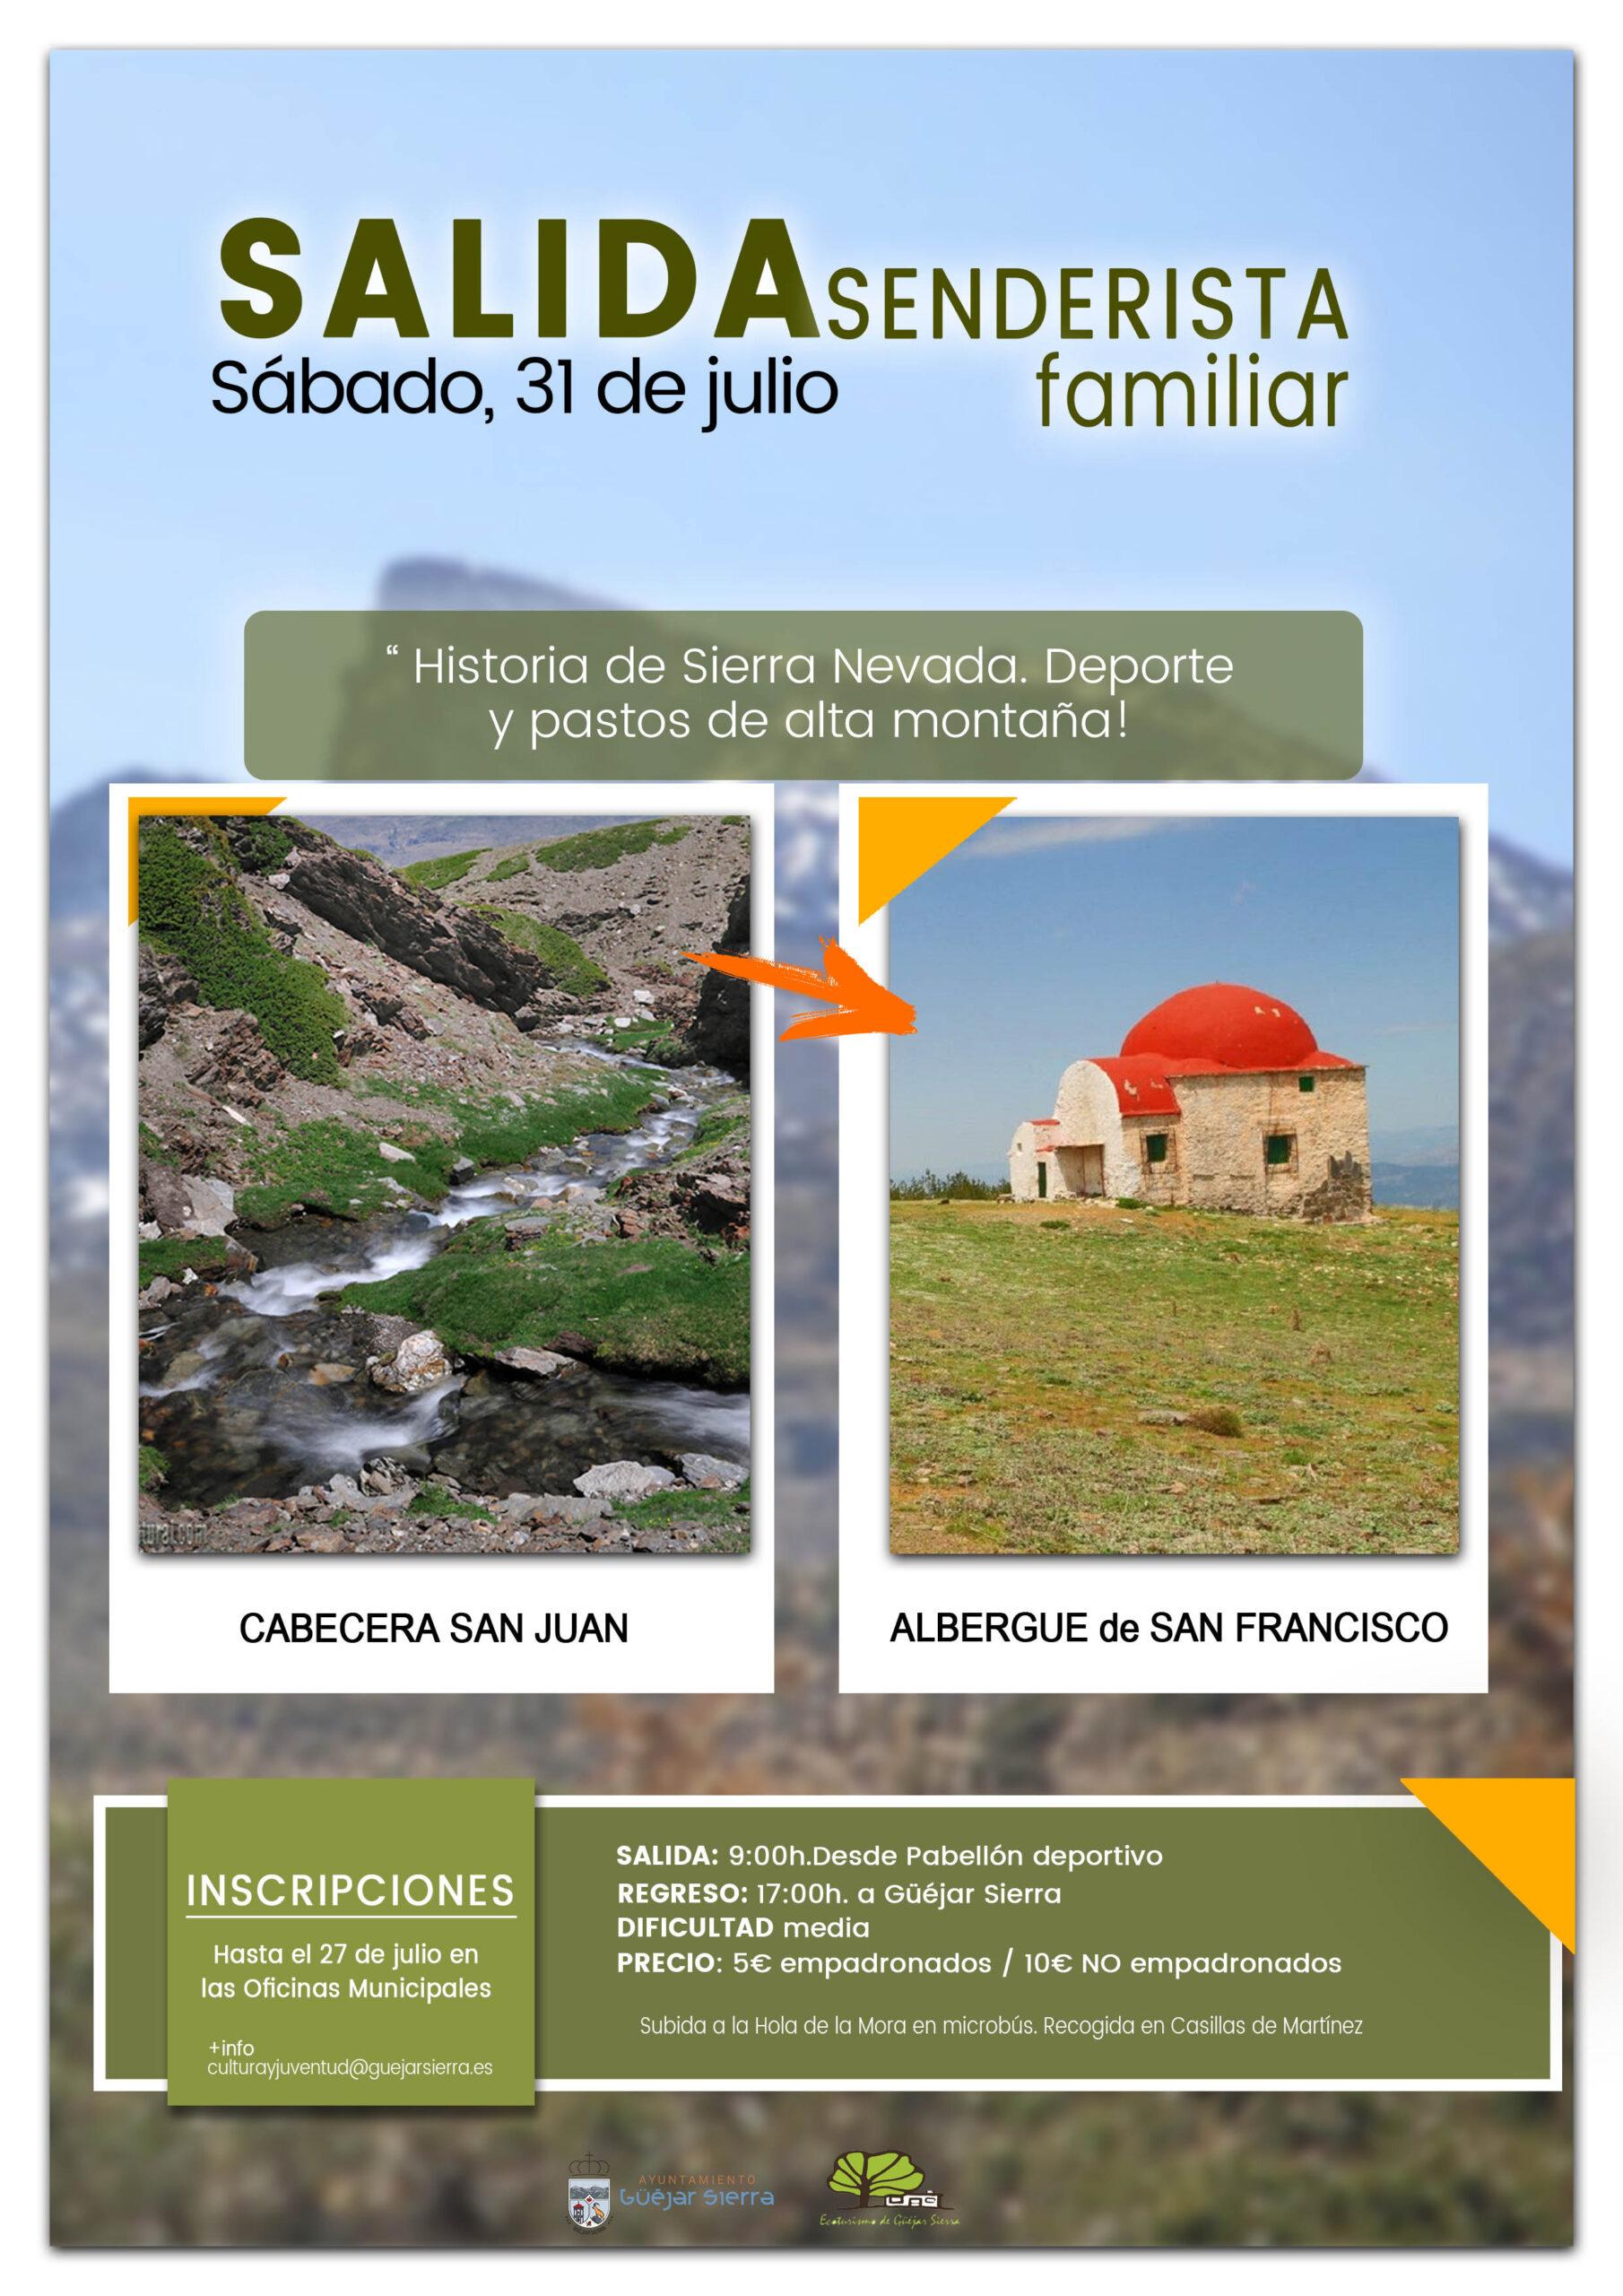 SALIDAS SENDERISTAS FAMILIARES: Historia de Sierra Nevada. Deporte y pastos de alta montaña